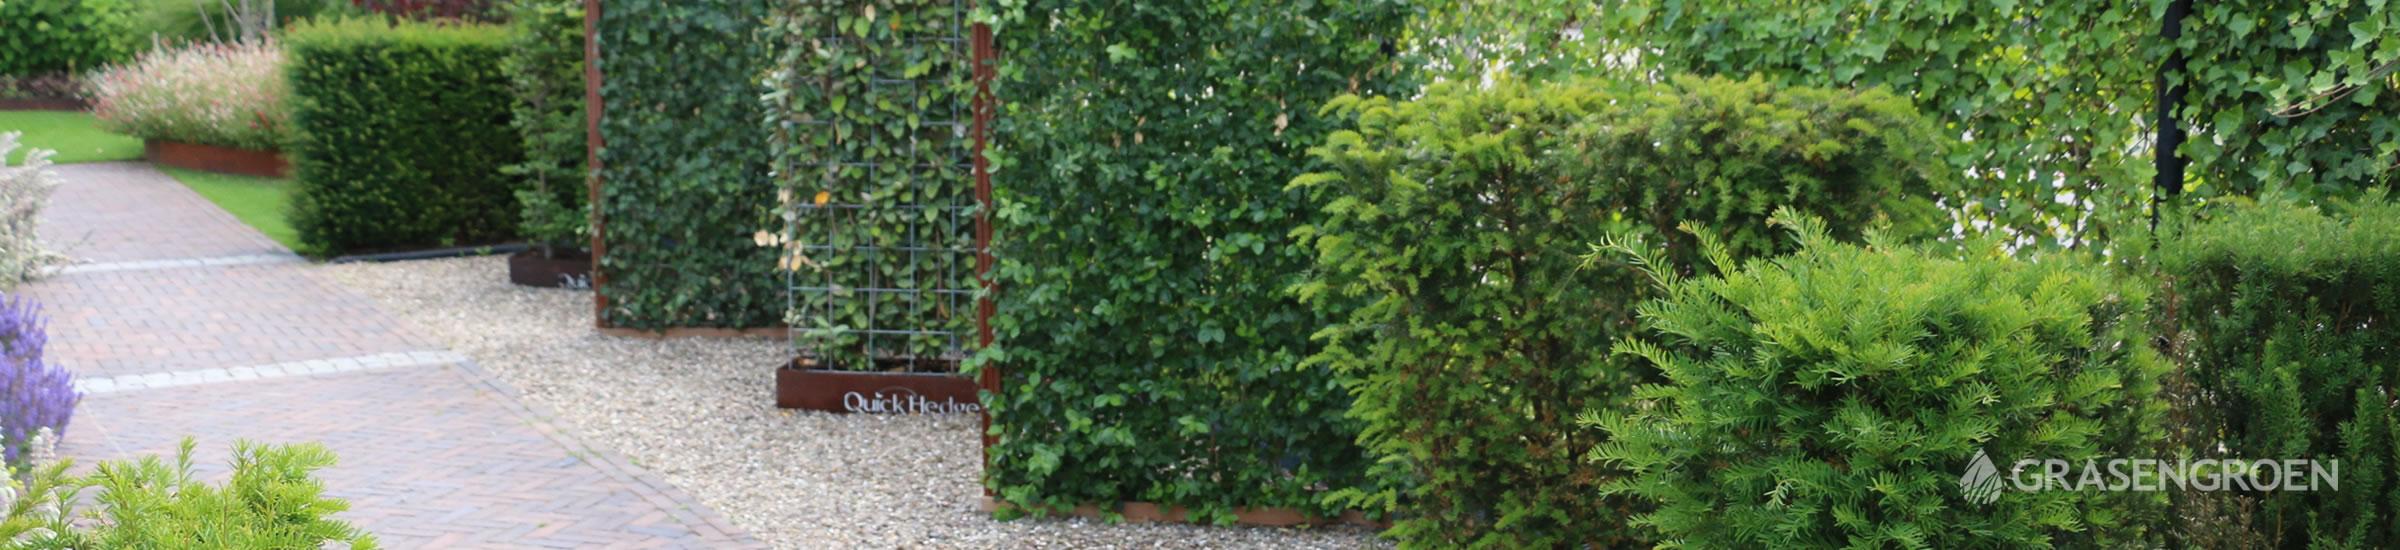 Kantklaarhaagkiezen • Gras en Groen Winkel